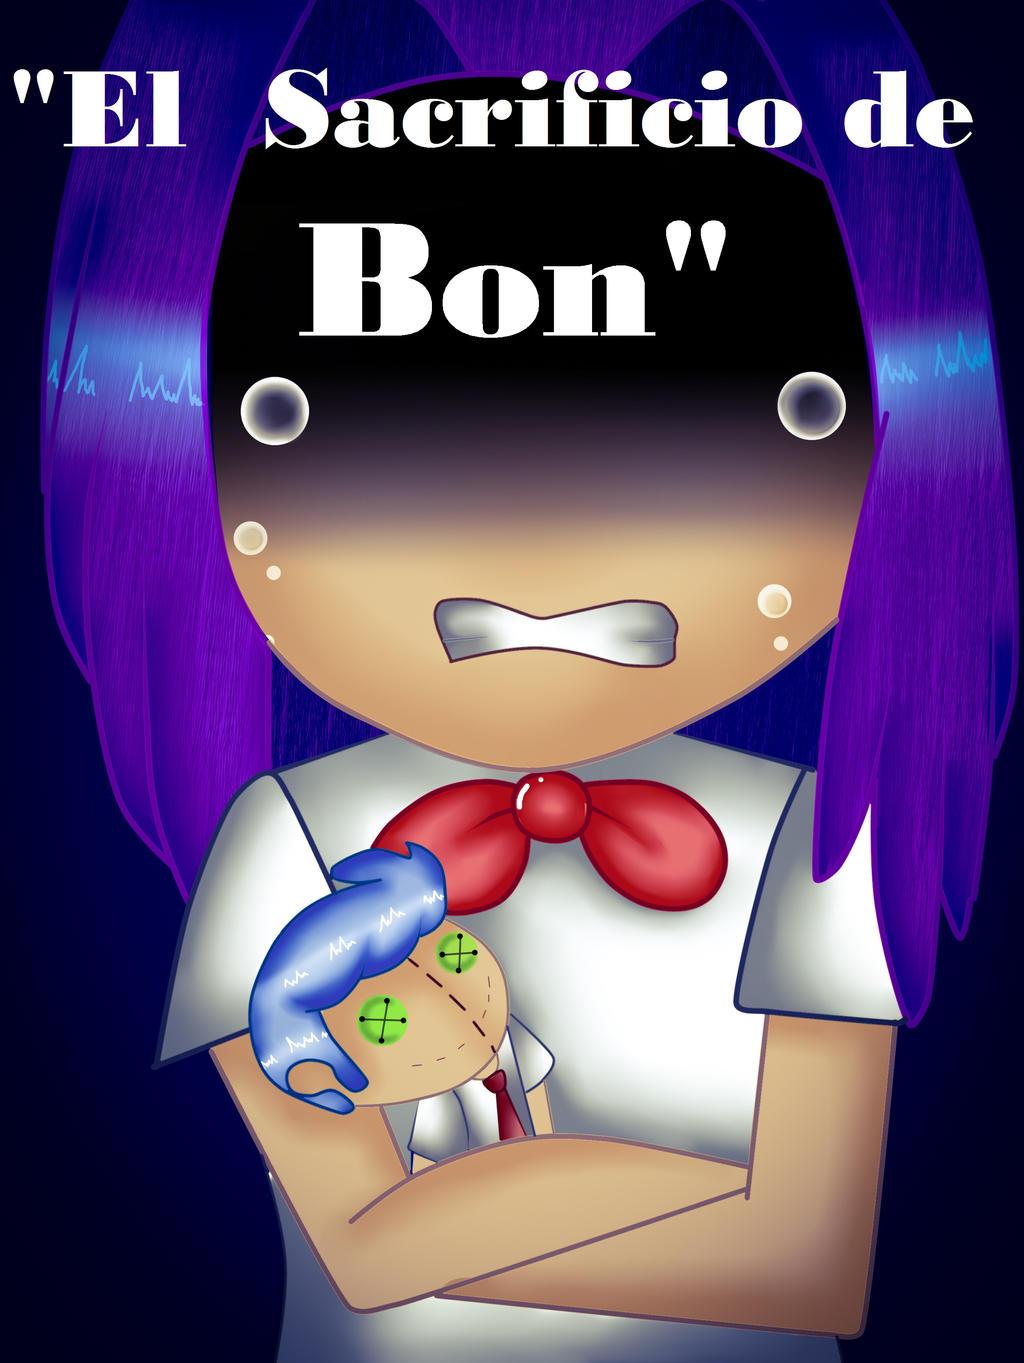 El sacrificio de bon by Freddygirl17